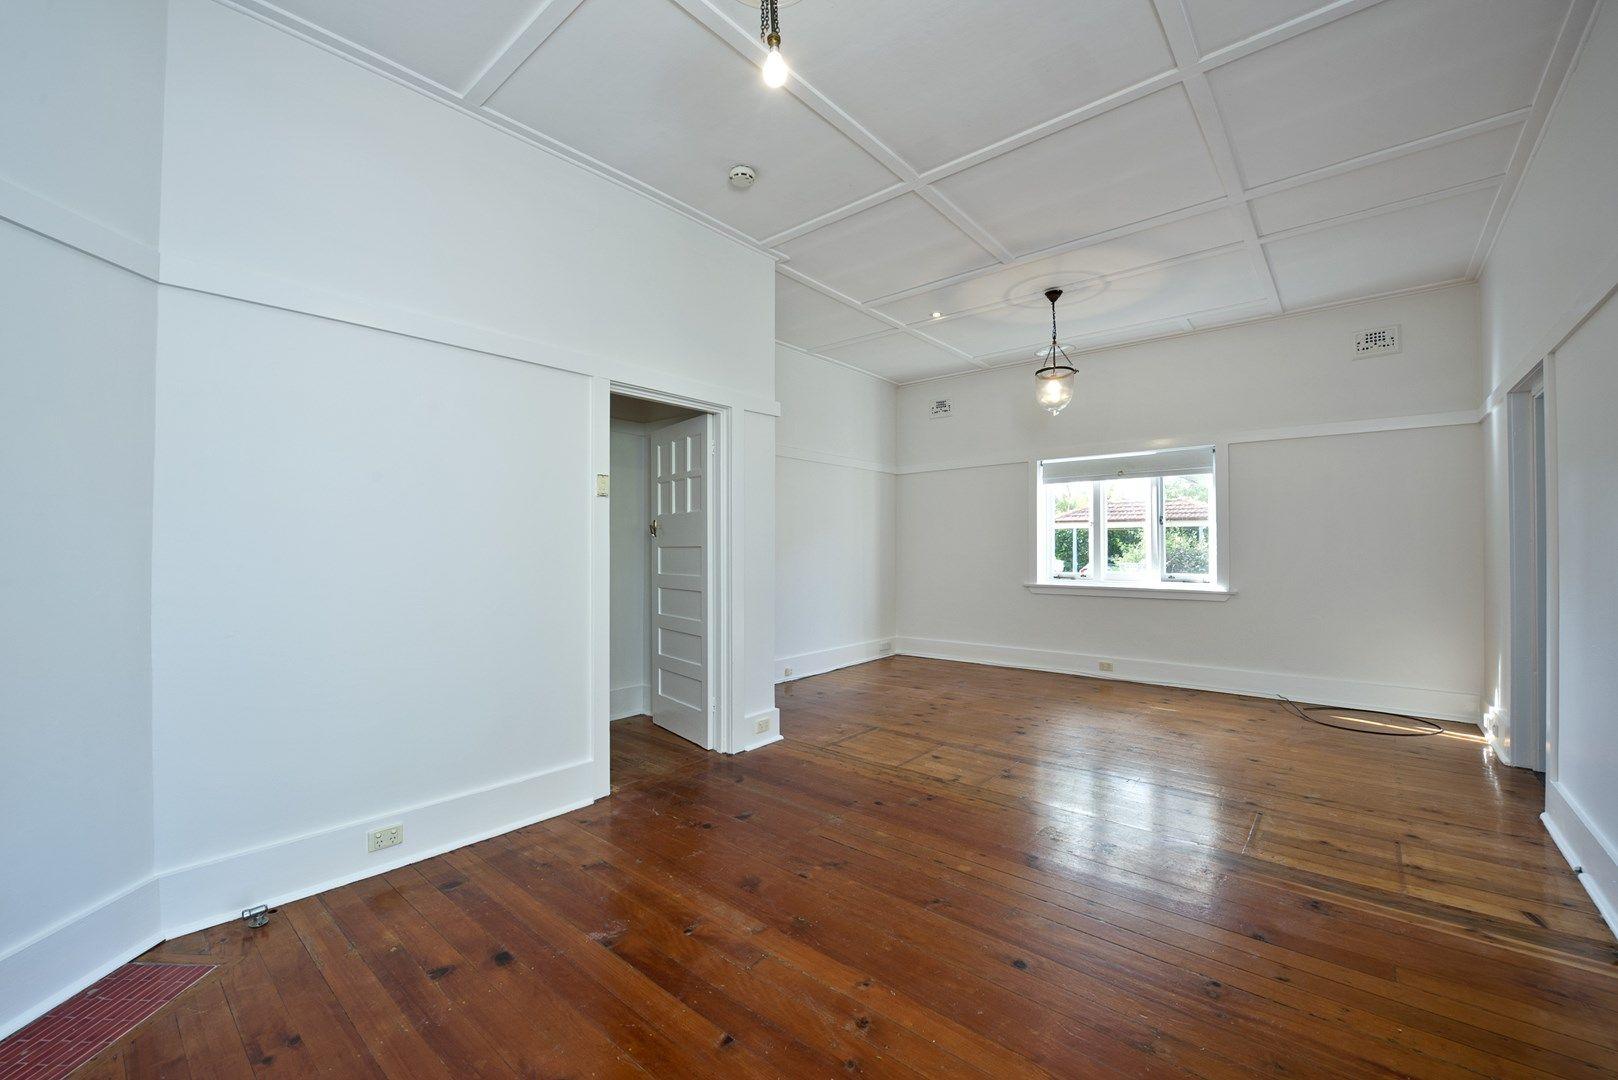 234 Mowbray  Road, Artarmon NSW 2064, Image 1